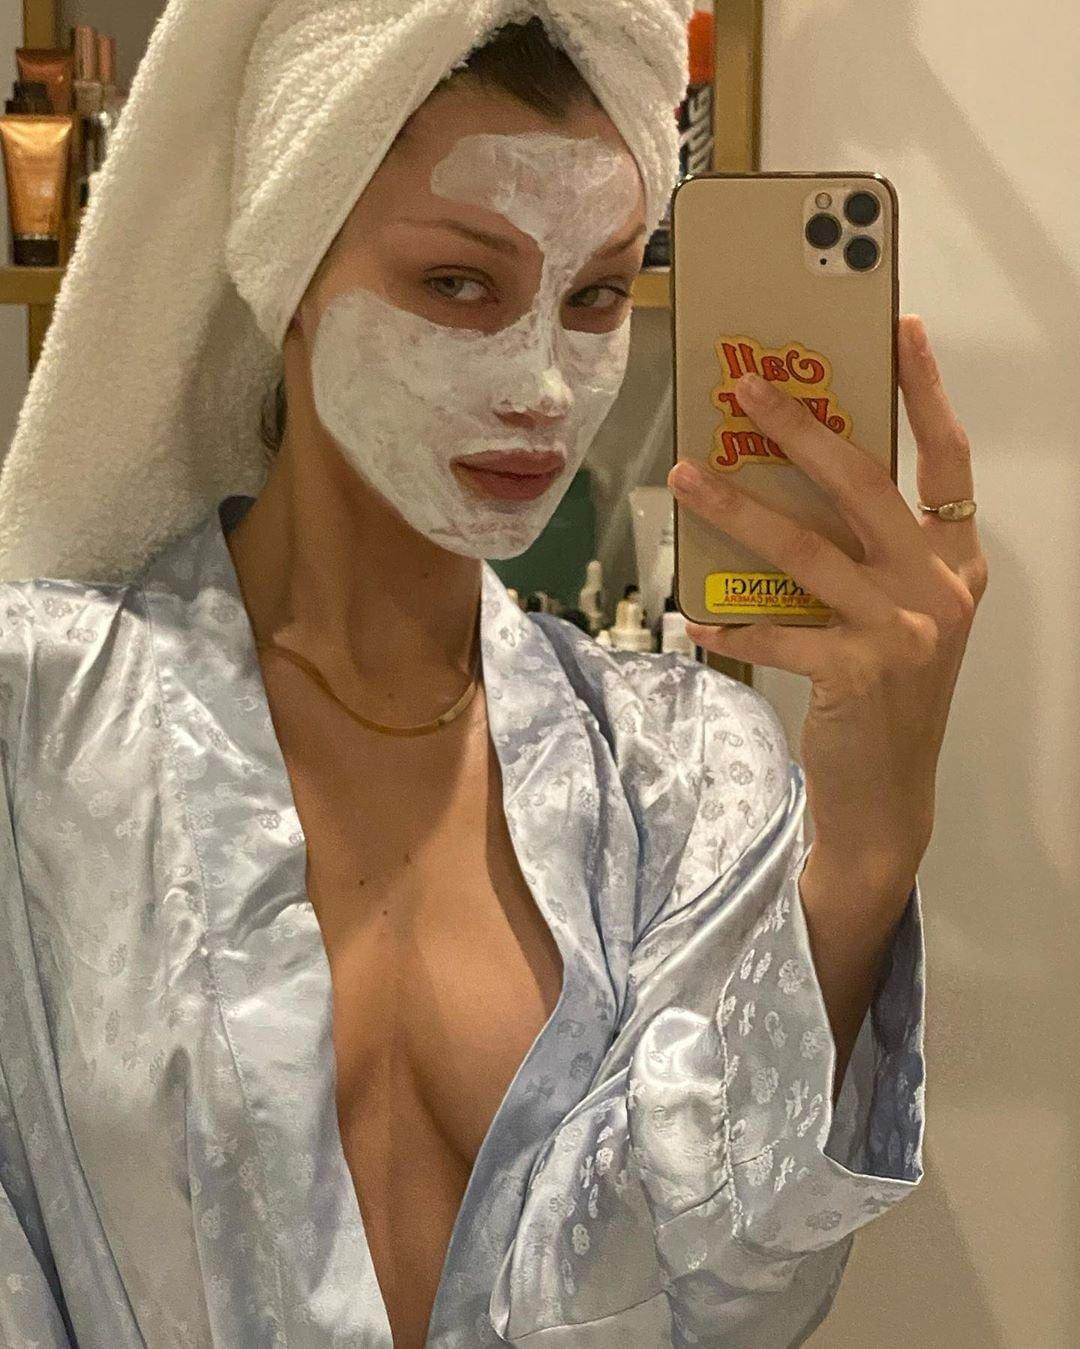 It girls - Máscaras faciais - Pele perfeita - Outono - Street Style